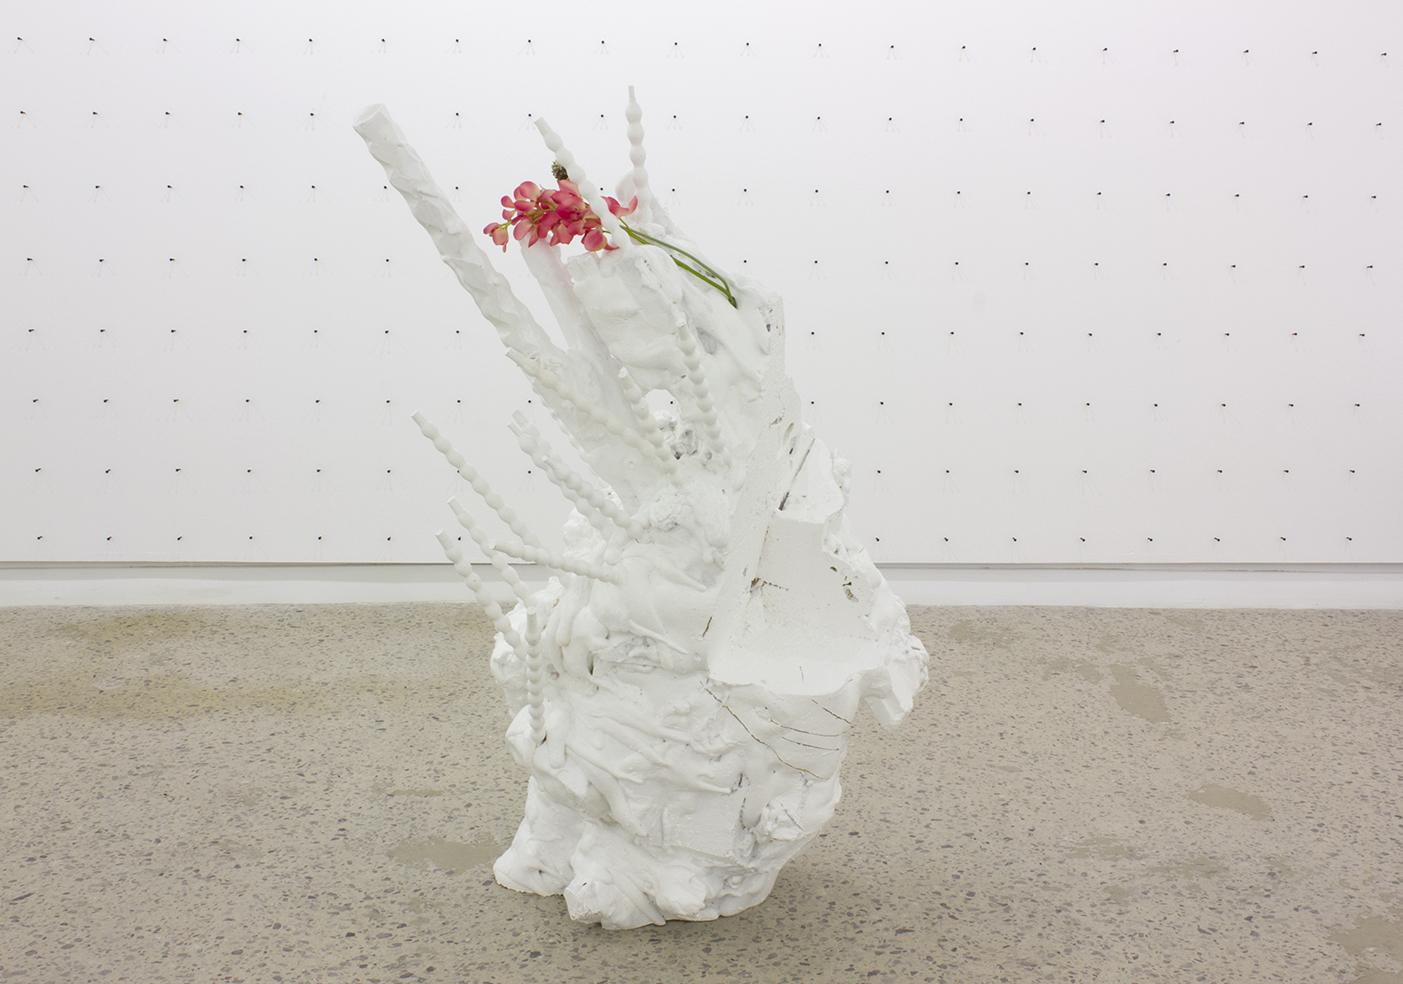 Philippe Caron Lefebvre,  Cétacé fantôme,  2016, Mousse polyuréthane, polystyrène, peinture et fleurs artificielles, Dimensions variables